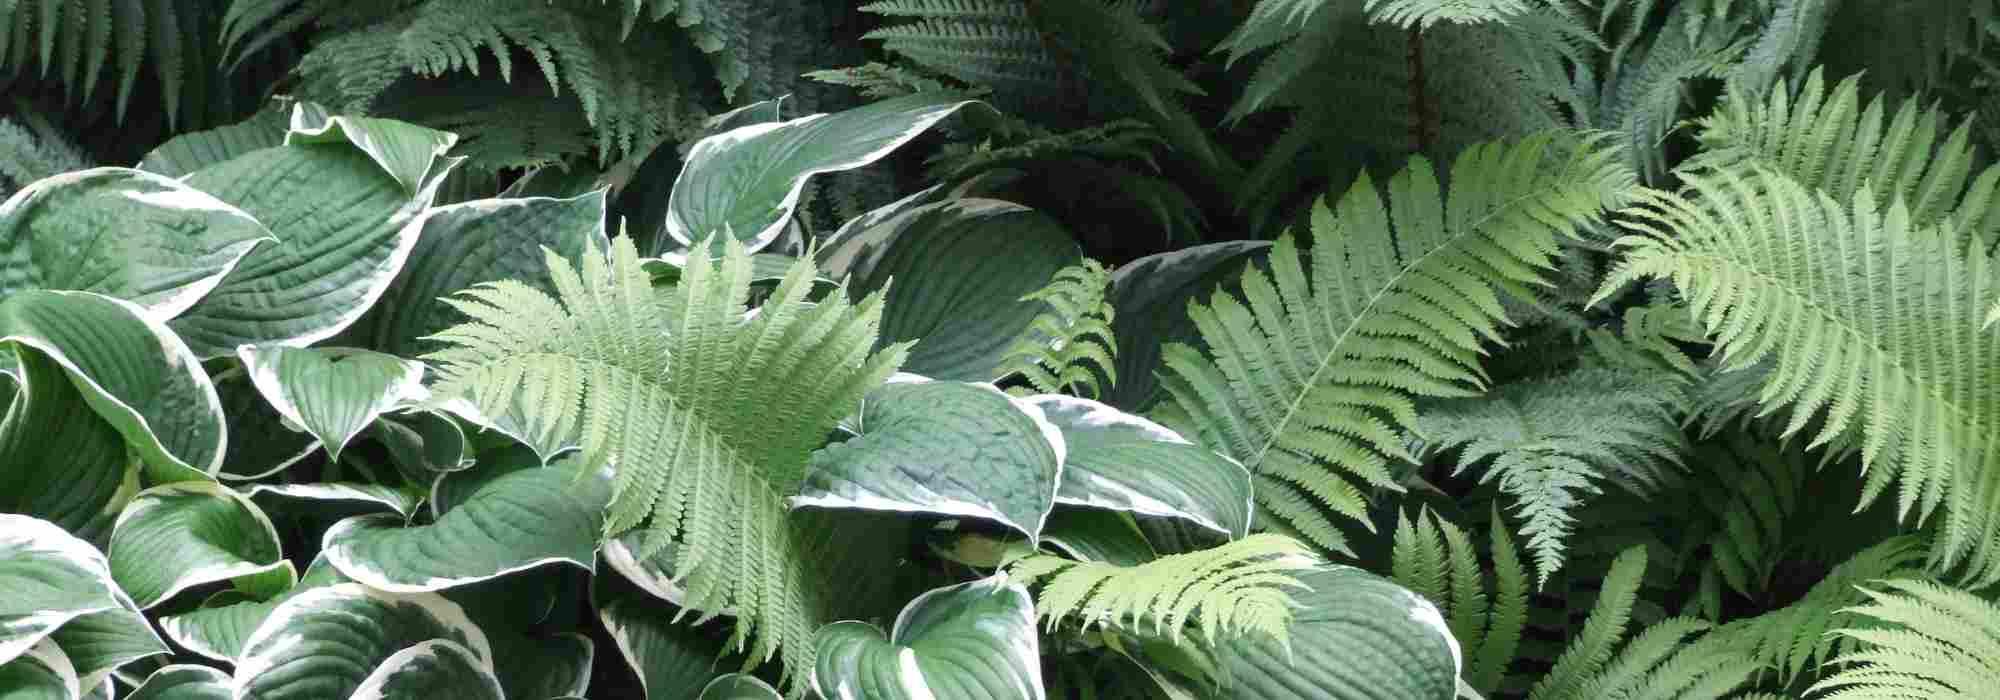 Plante Exterieur Qui Aime L Eau 10 plantes vivaces d'ombre pour composer un massif